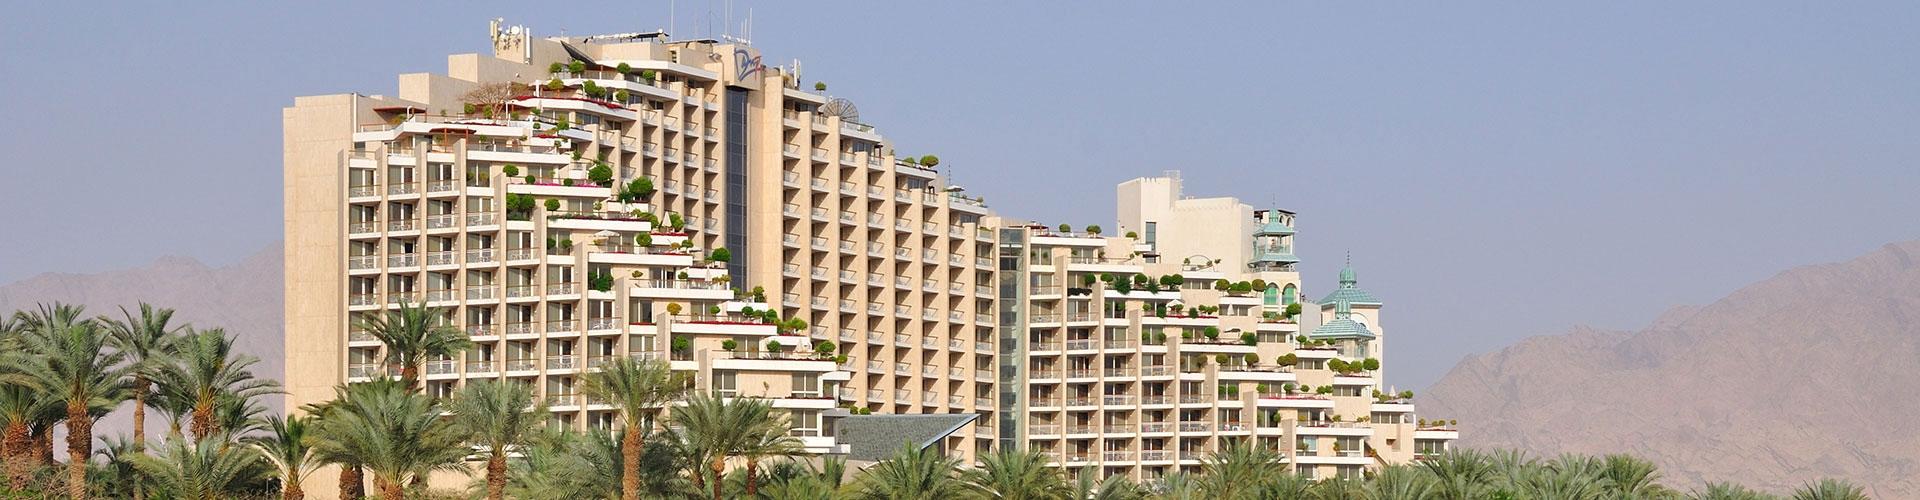 Отели Эйлата (Израиль)